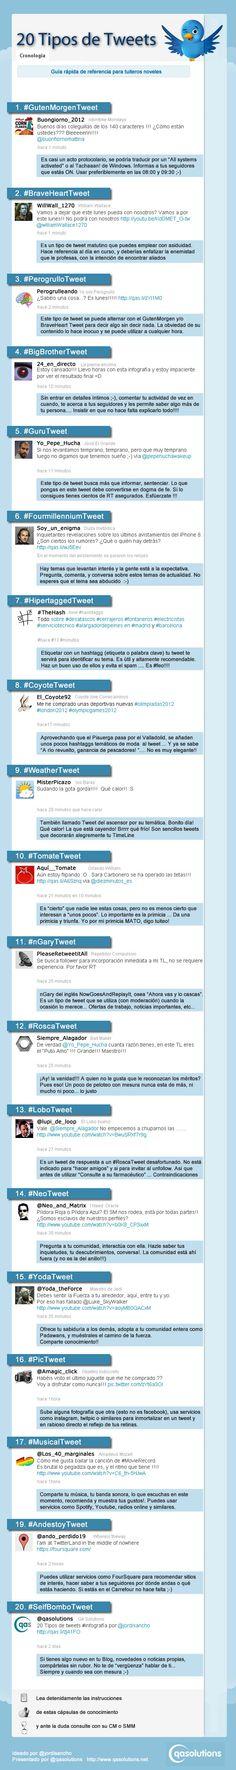 Infografía: 20 tipos de tweets http://www.onedigital.mx/ww3/2012/07/09/infografia-20-tipos-de-tweets/